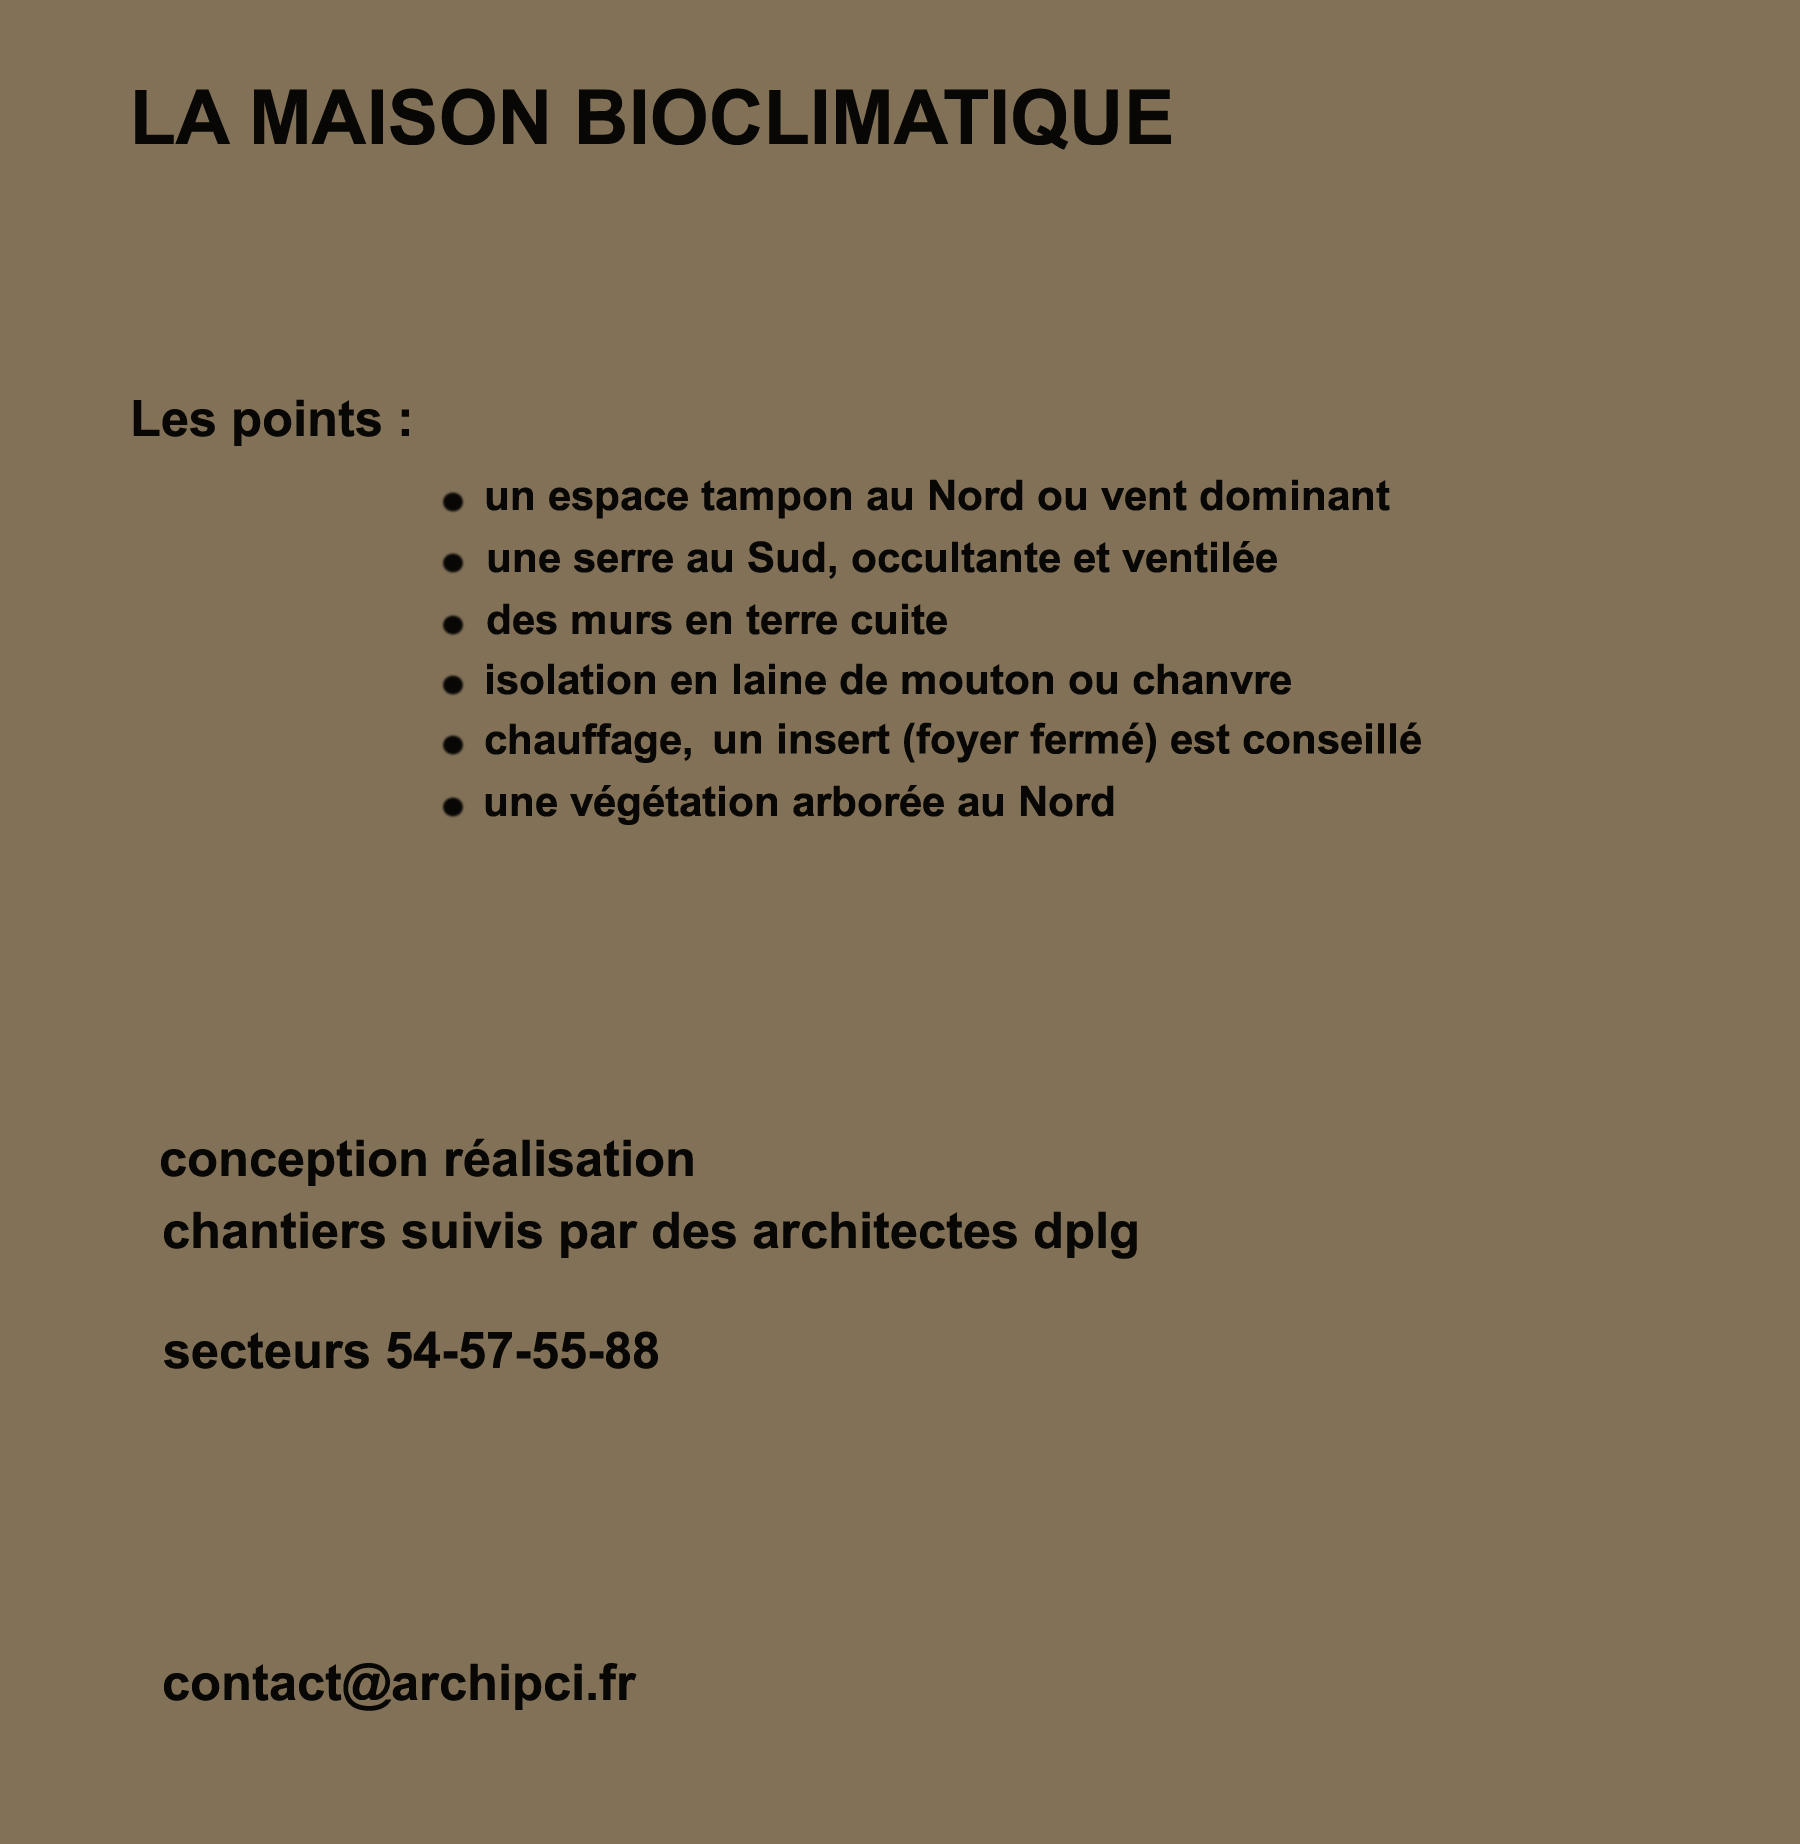 La maison bioclimatique plan maison contemporaine - La maison bioclimatique ...